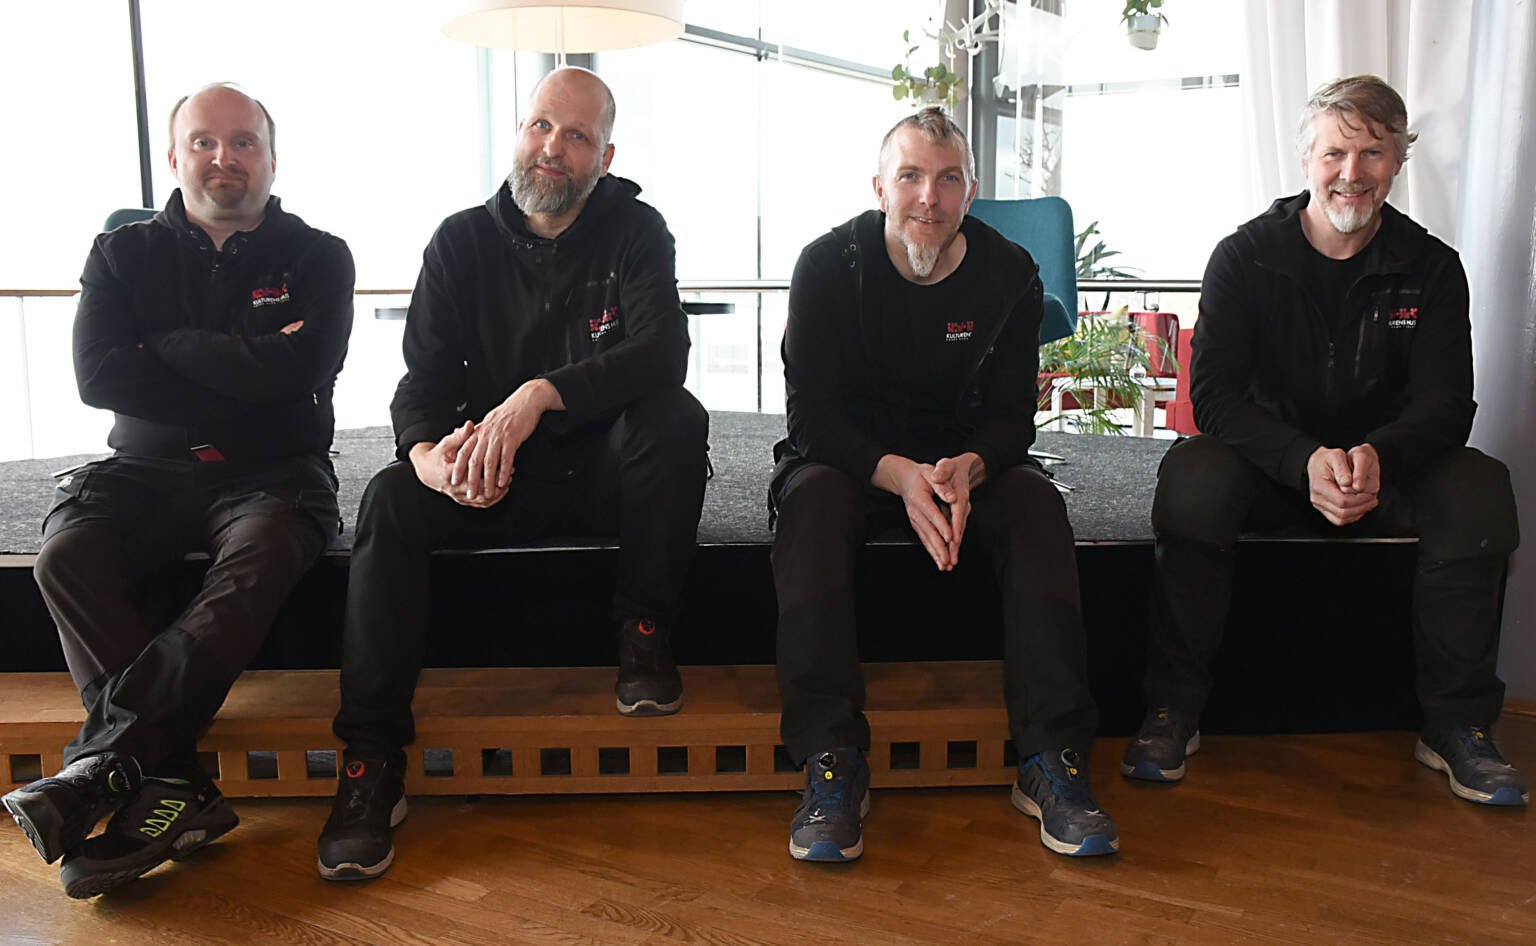 Allt ljus på teknikerna som fixar bästa ljudet. Från vänster: Johan Rova Johansson, Göran Norman, Kaj Molin och Johnny Johansson.